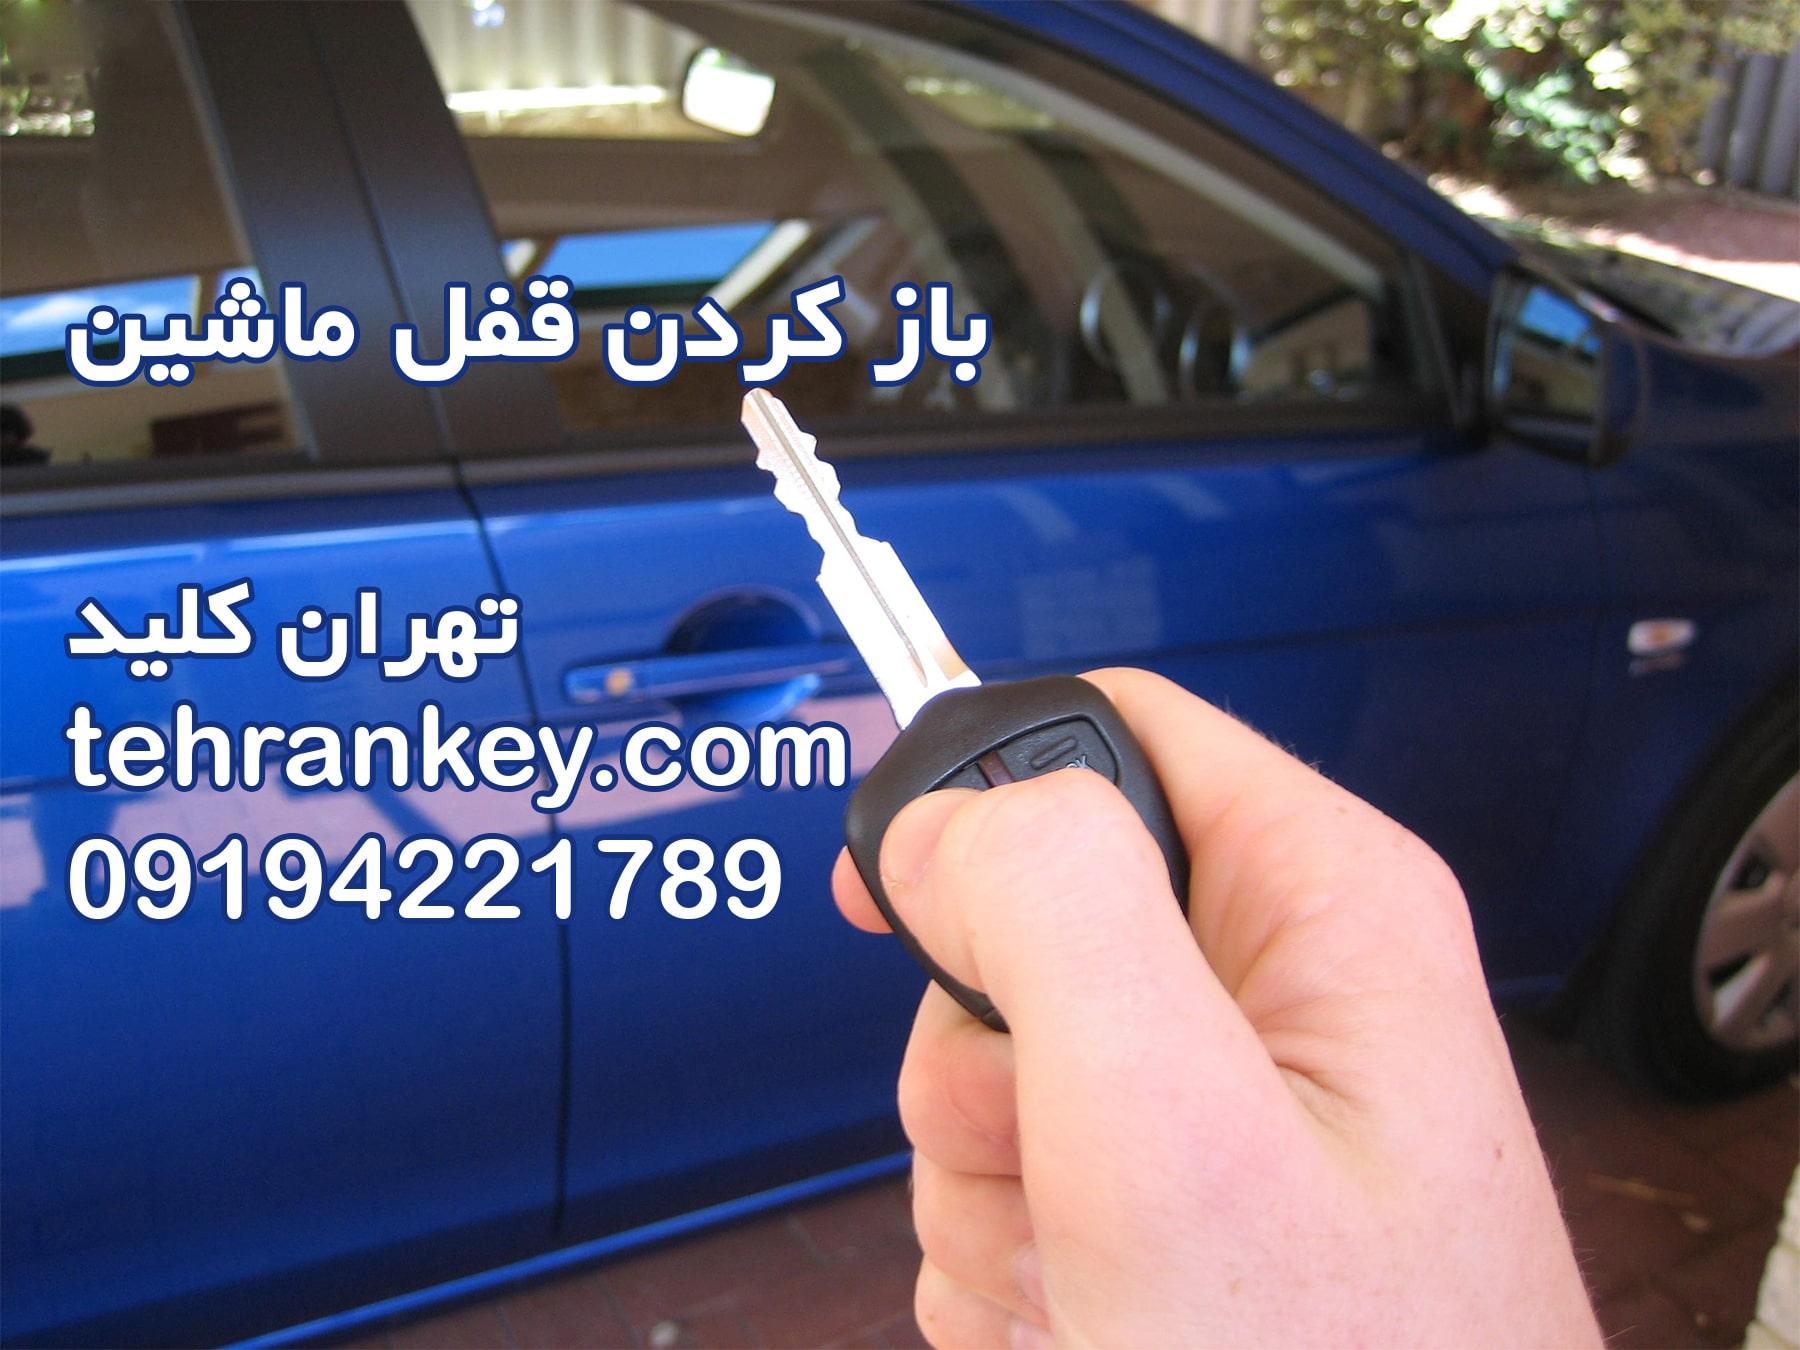 باز کردن قفل ماشین